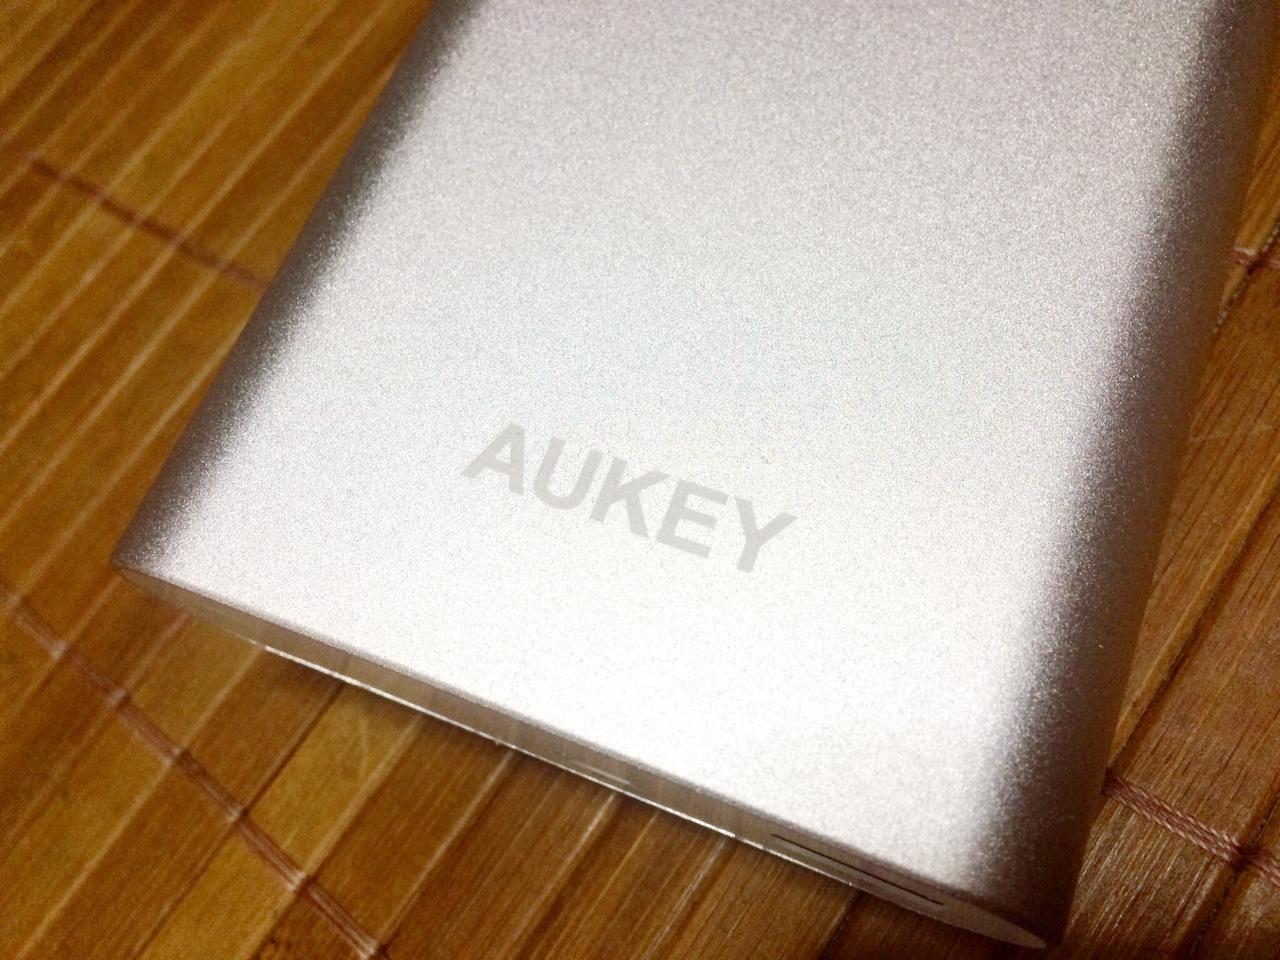 高速充電のQuick Charge 2.0に対応した大容量モバイルバッテリー「Aukey PB-T1」レビュー